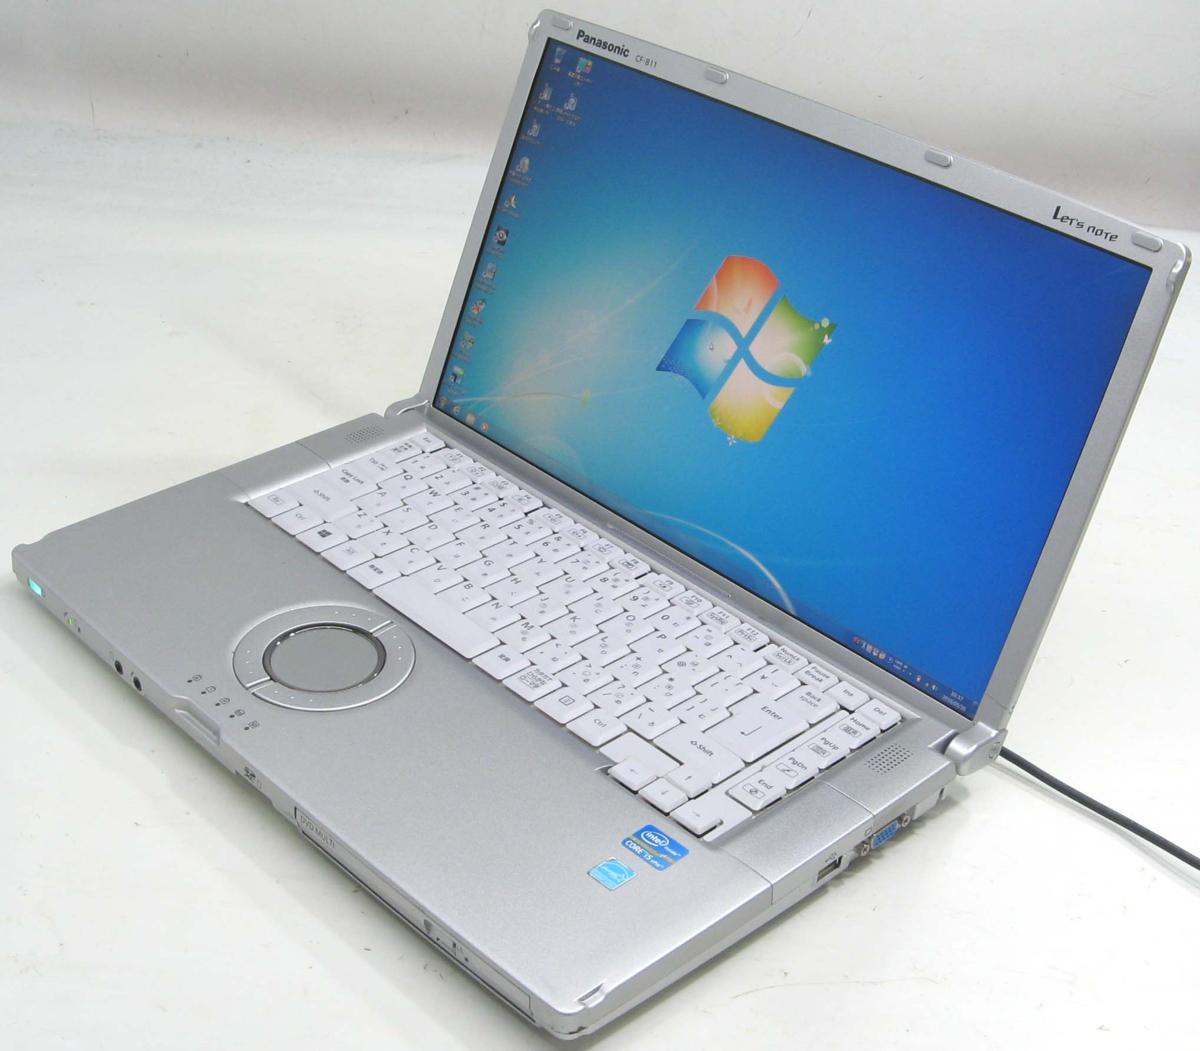 中古ノートパソコン Panasonic Let'sNote CF-B11LWCTS(パナソニック レッツノート Windows7 Corei5 HDMI出力端子 DVDスーパーマルチドライブ)【中古】【中古パソコン/中古PC】